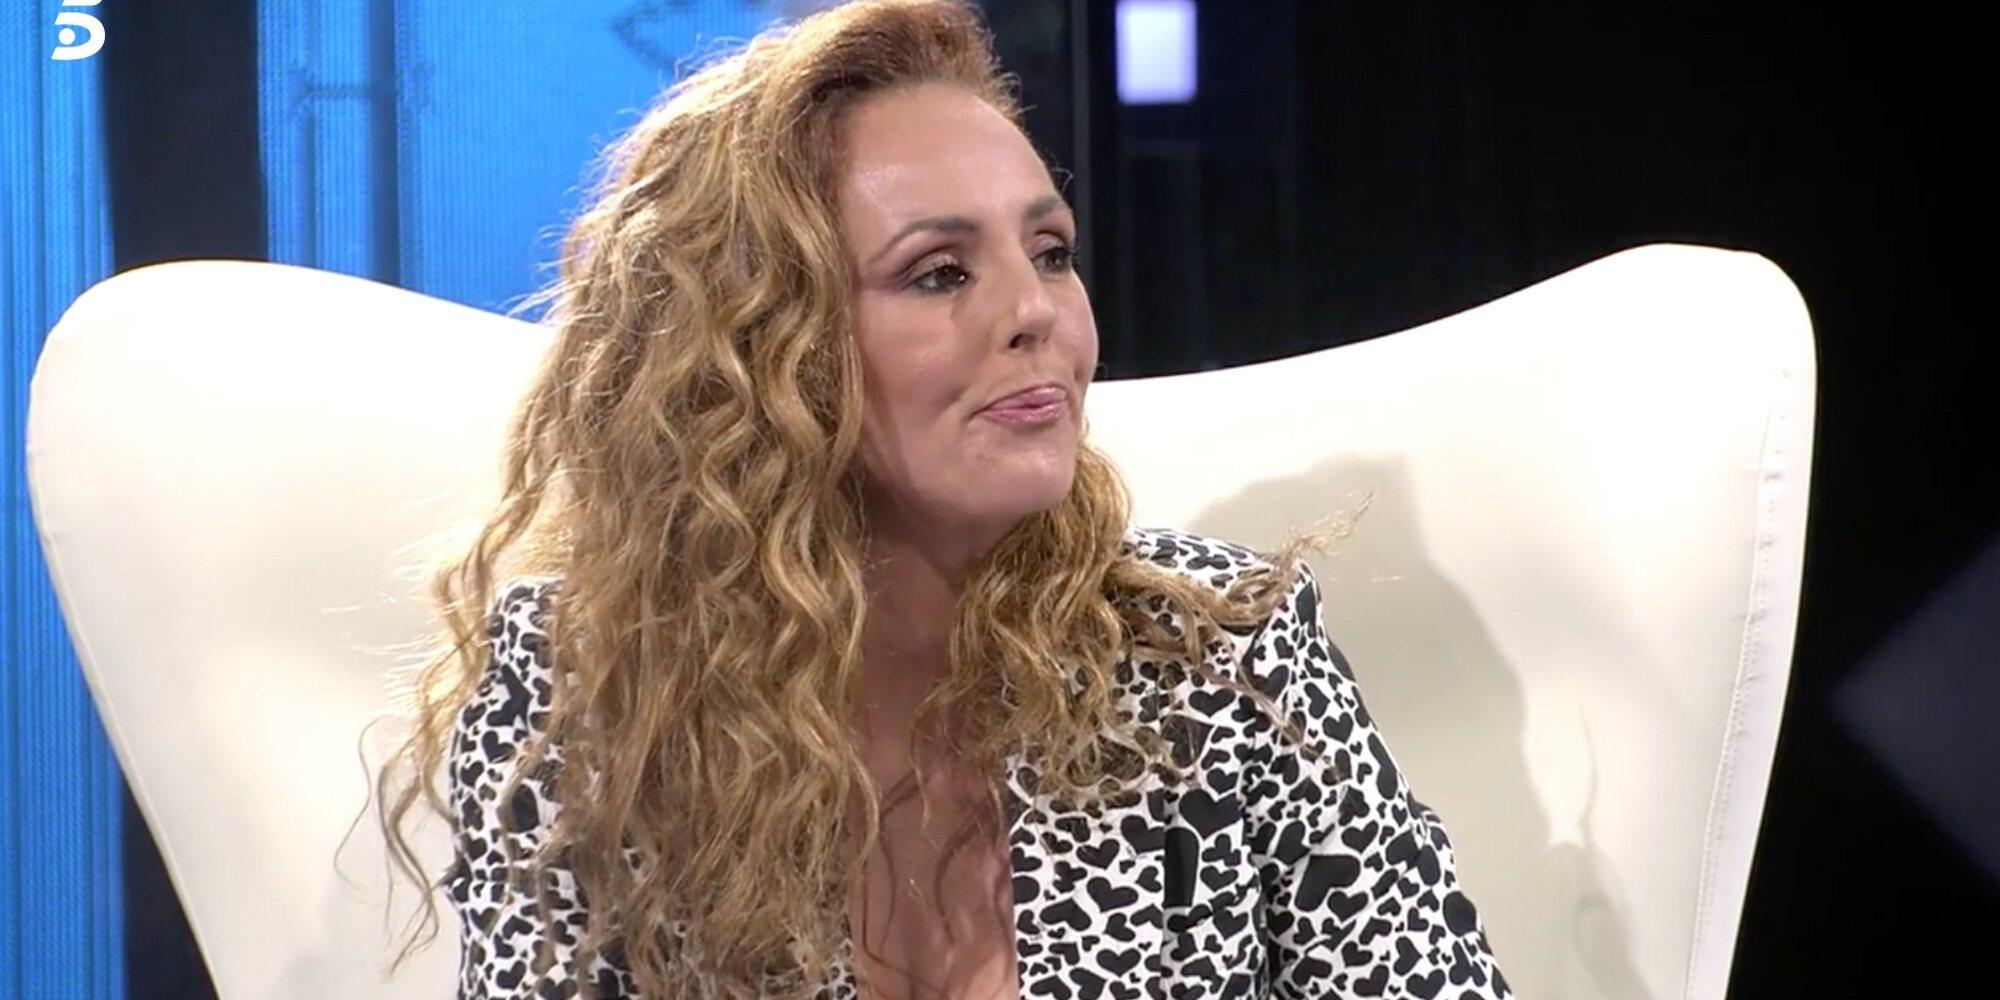 """Rocío Carrasco: """"El único responsable de mi estado emocional y de mi intento de suicidio se llama Antonio David"""""""